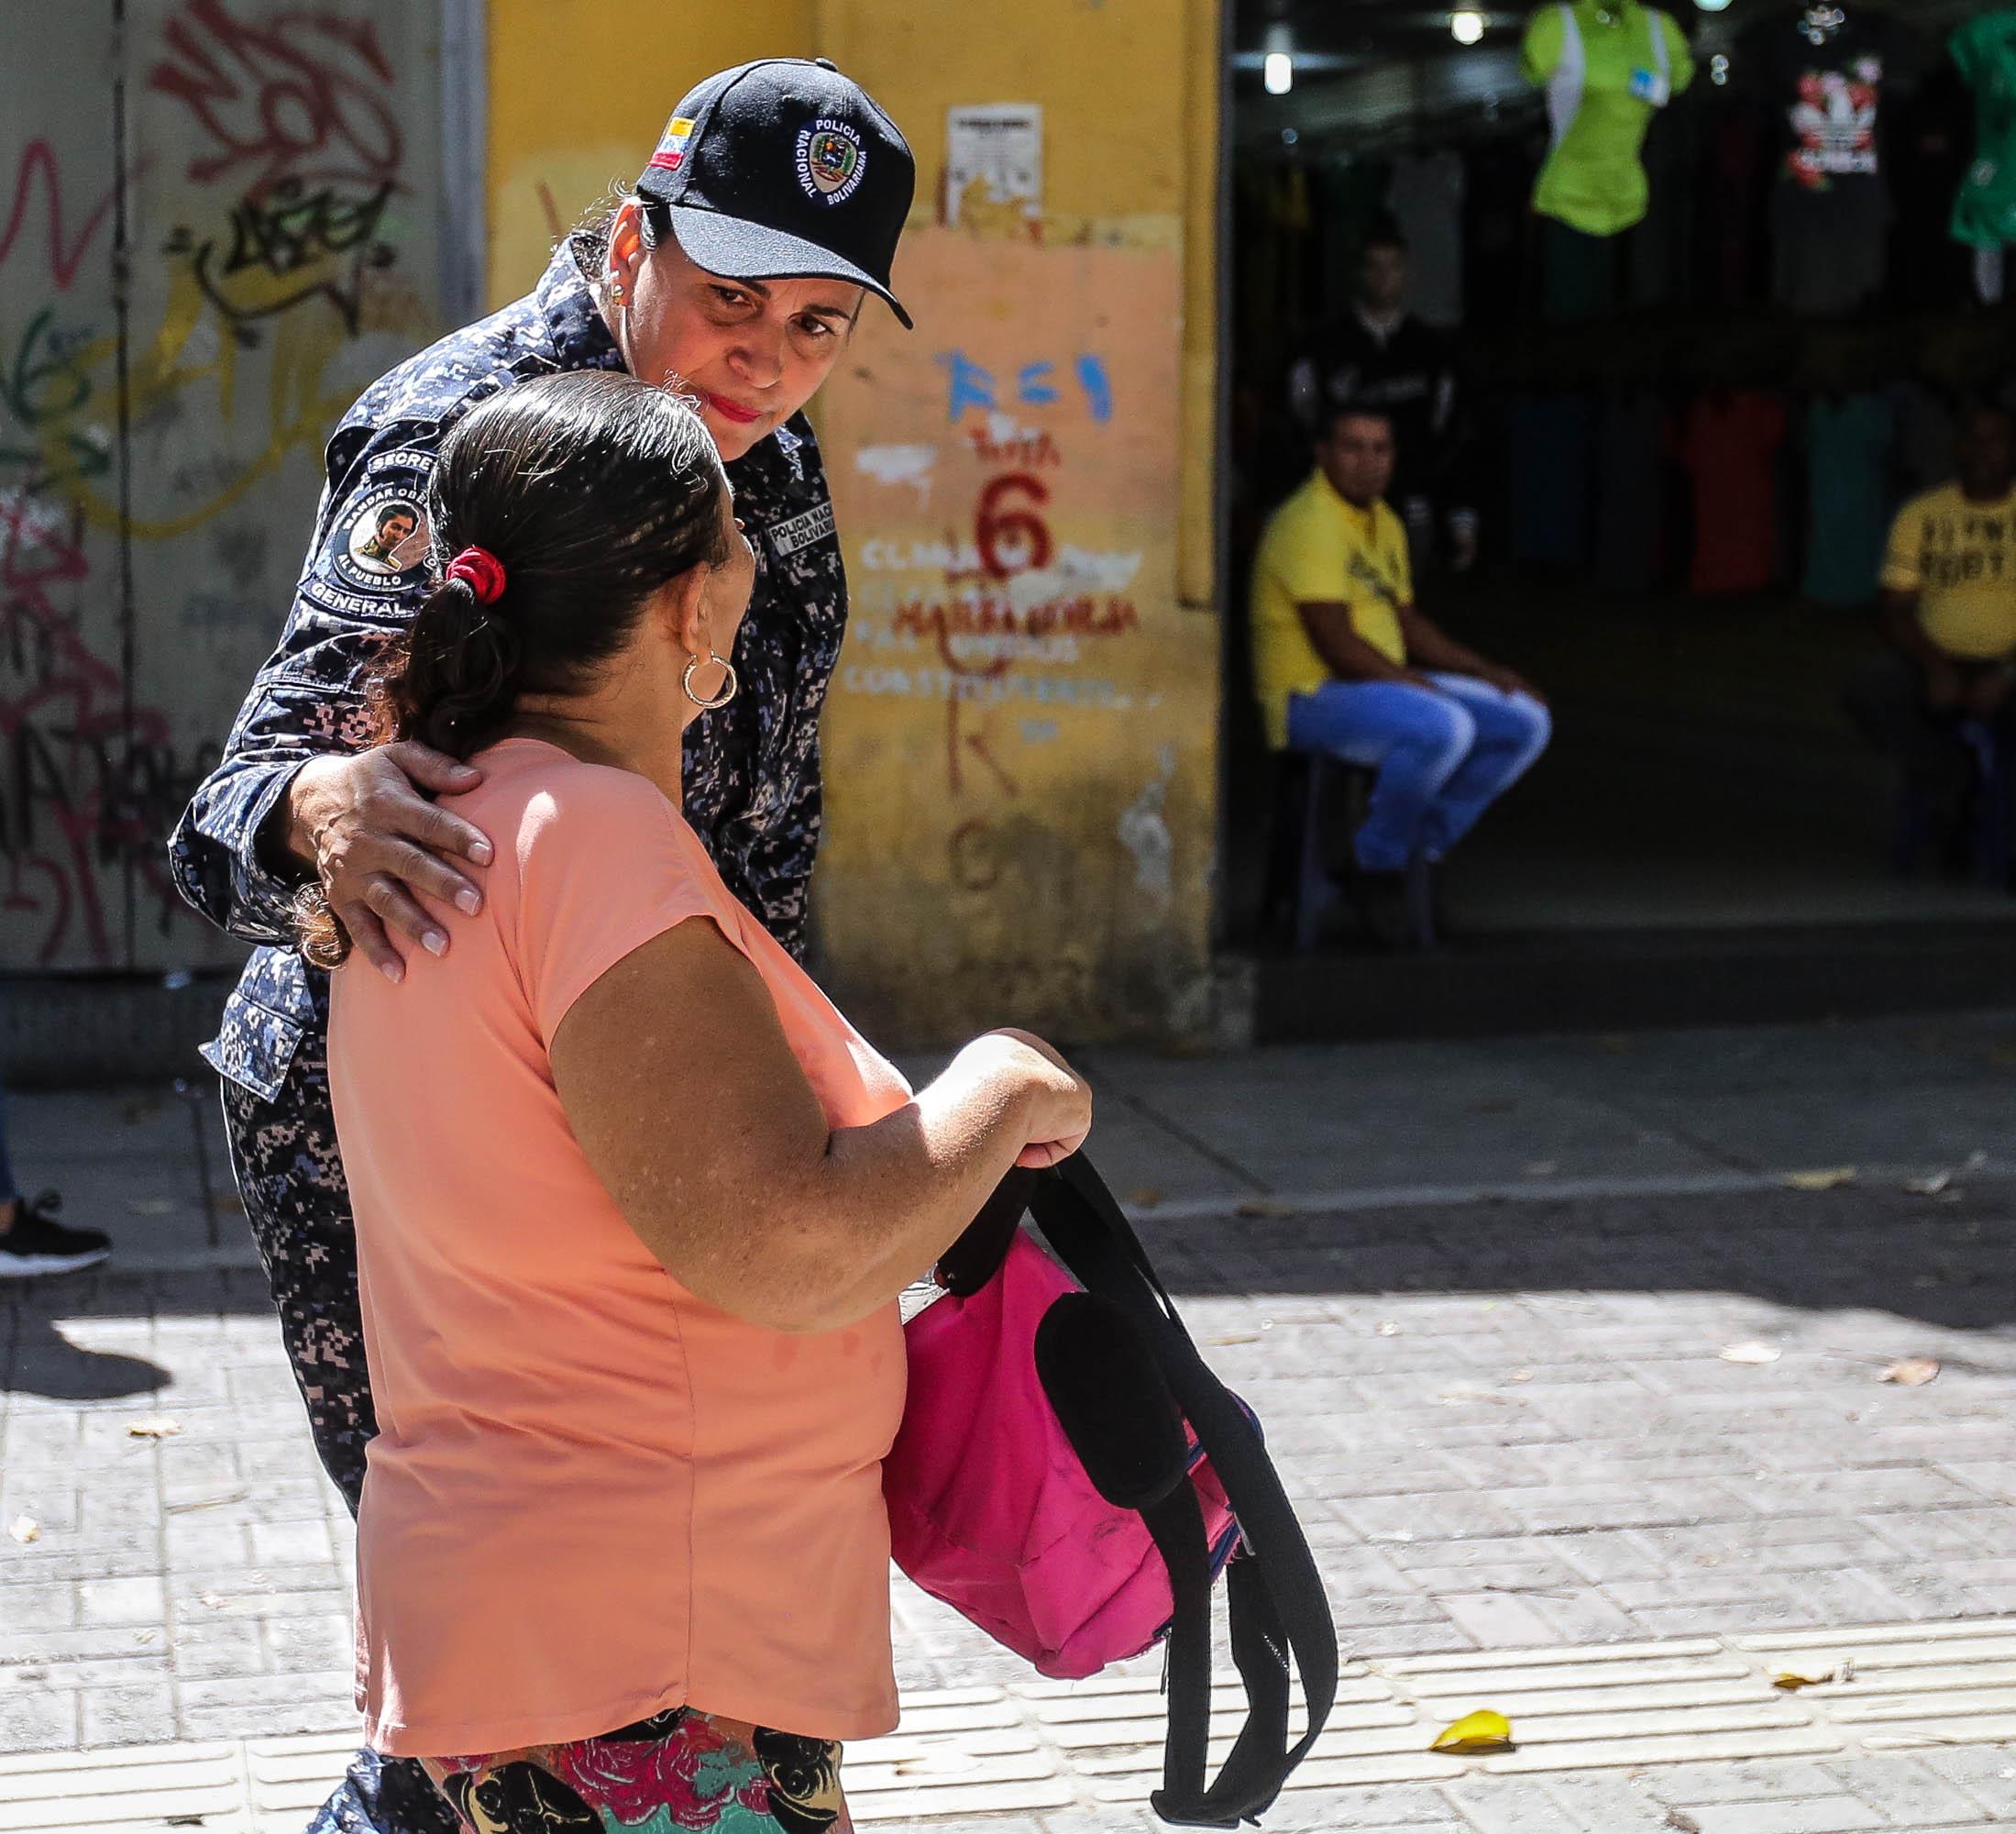 Dos solicitados fueron aprehendidos durante despliegue de seguridad en Santa Rosalía (1)